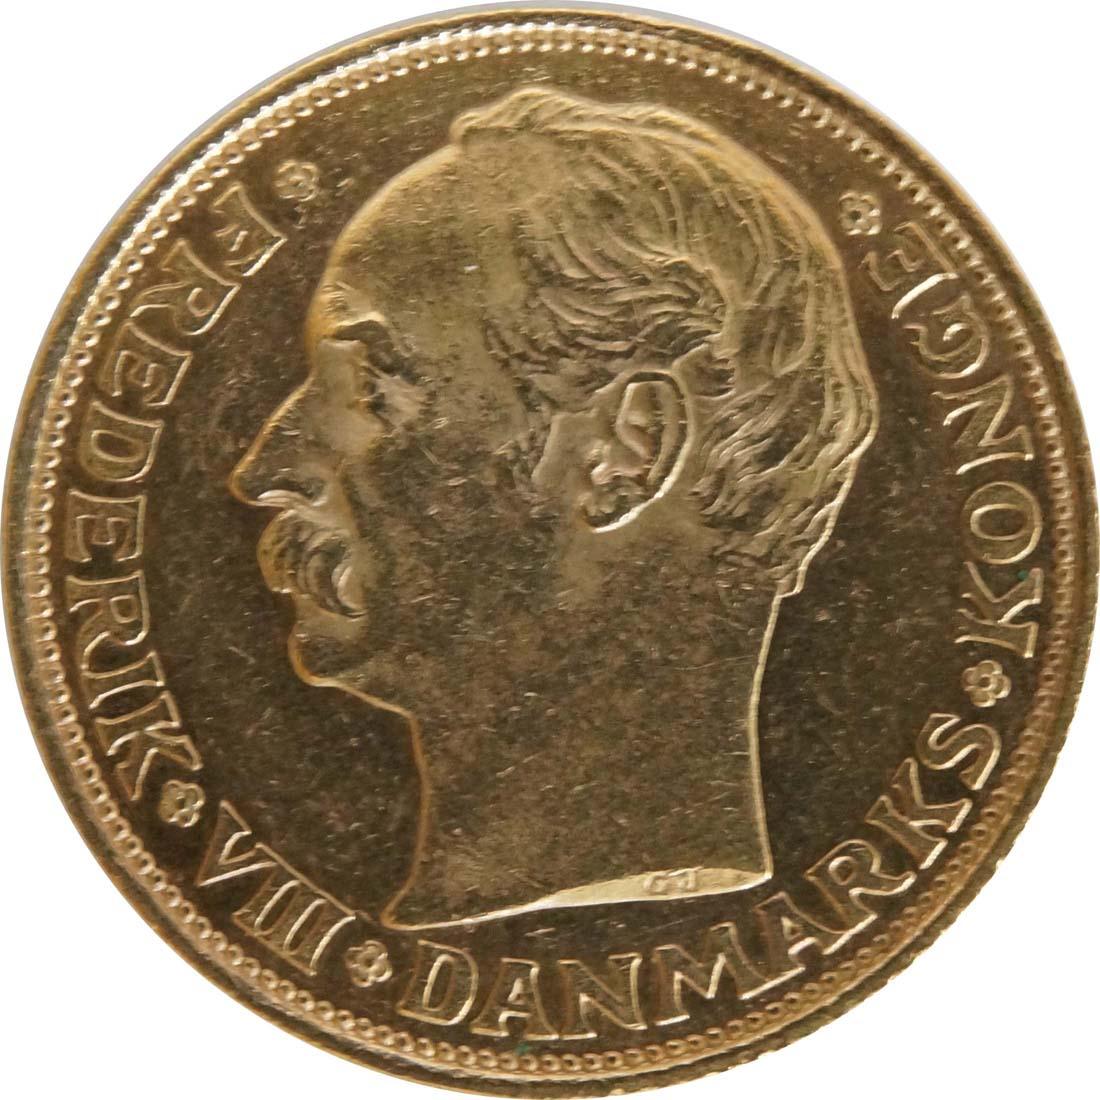 20 kronen in euro